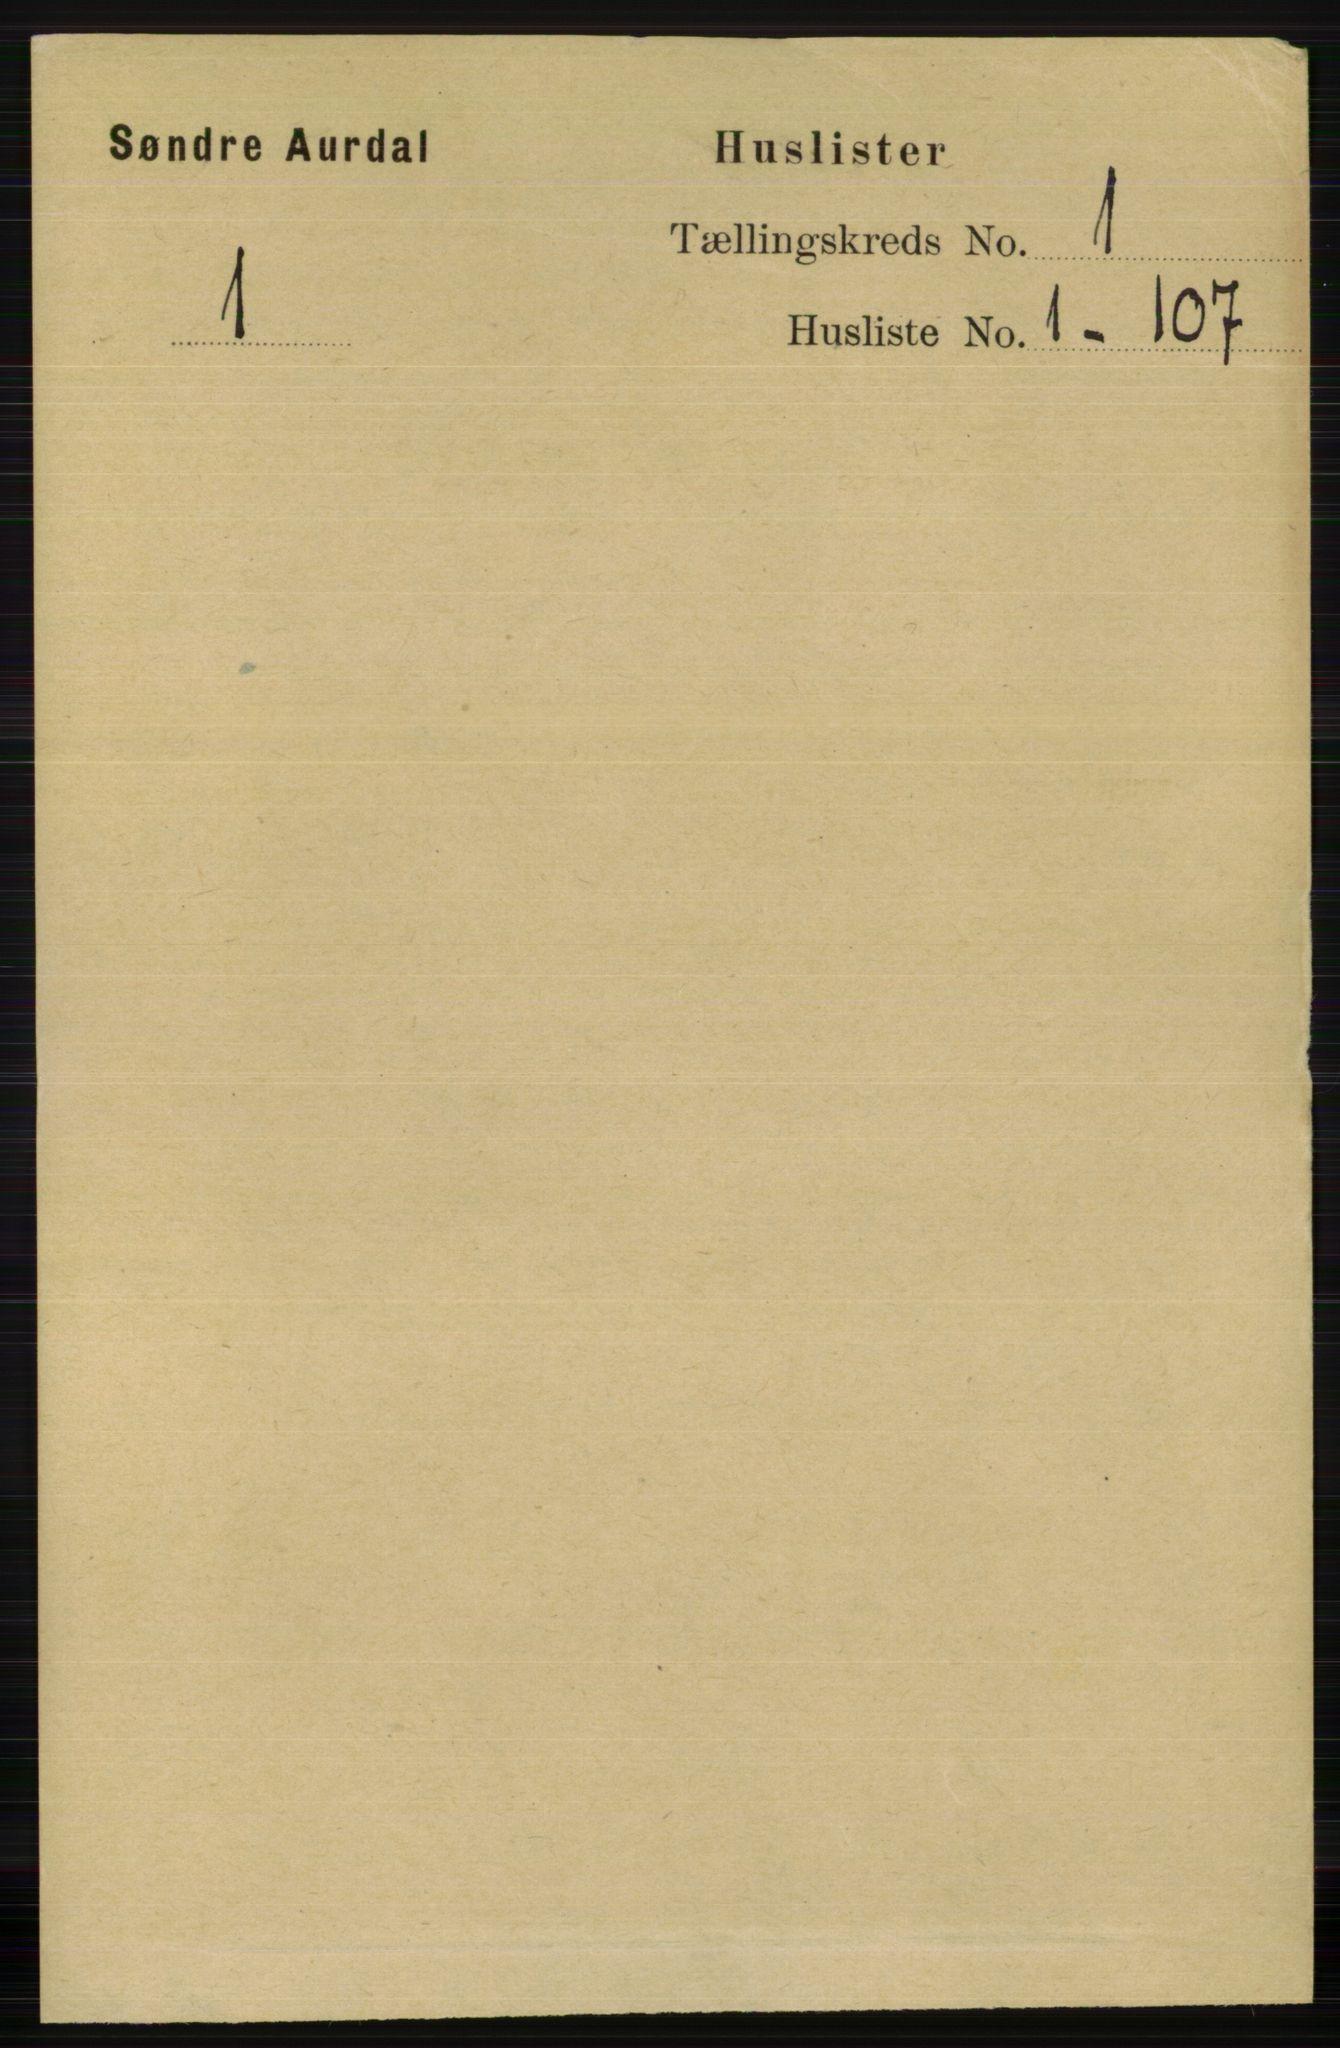 RA, Folketelling 1891 for 0540 Sør-Aurdal herred, 1891, s. 32